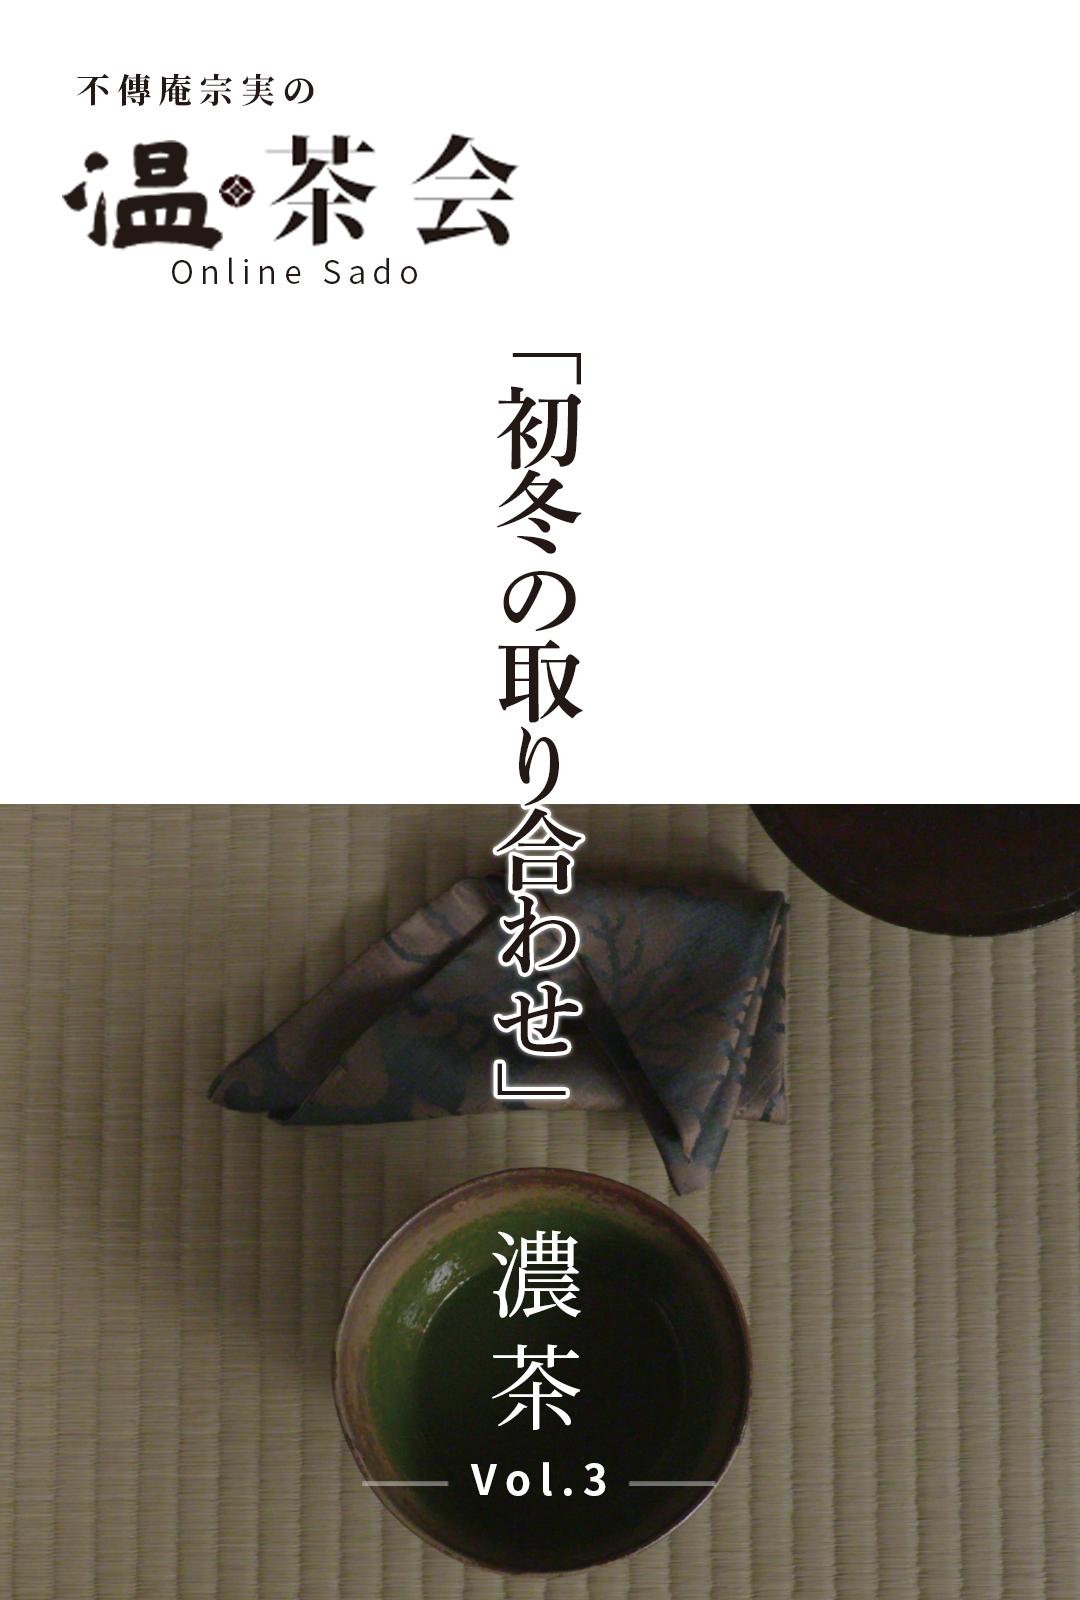 温茶会vol3 初冬の取り合わせ濃茶